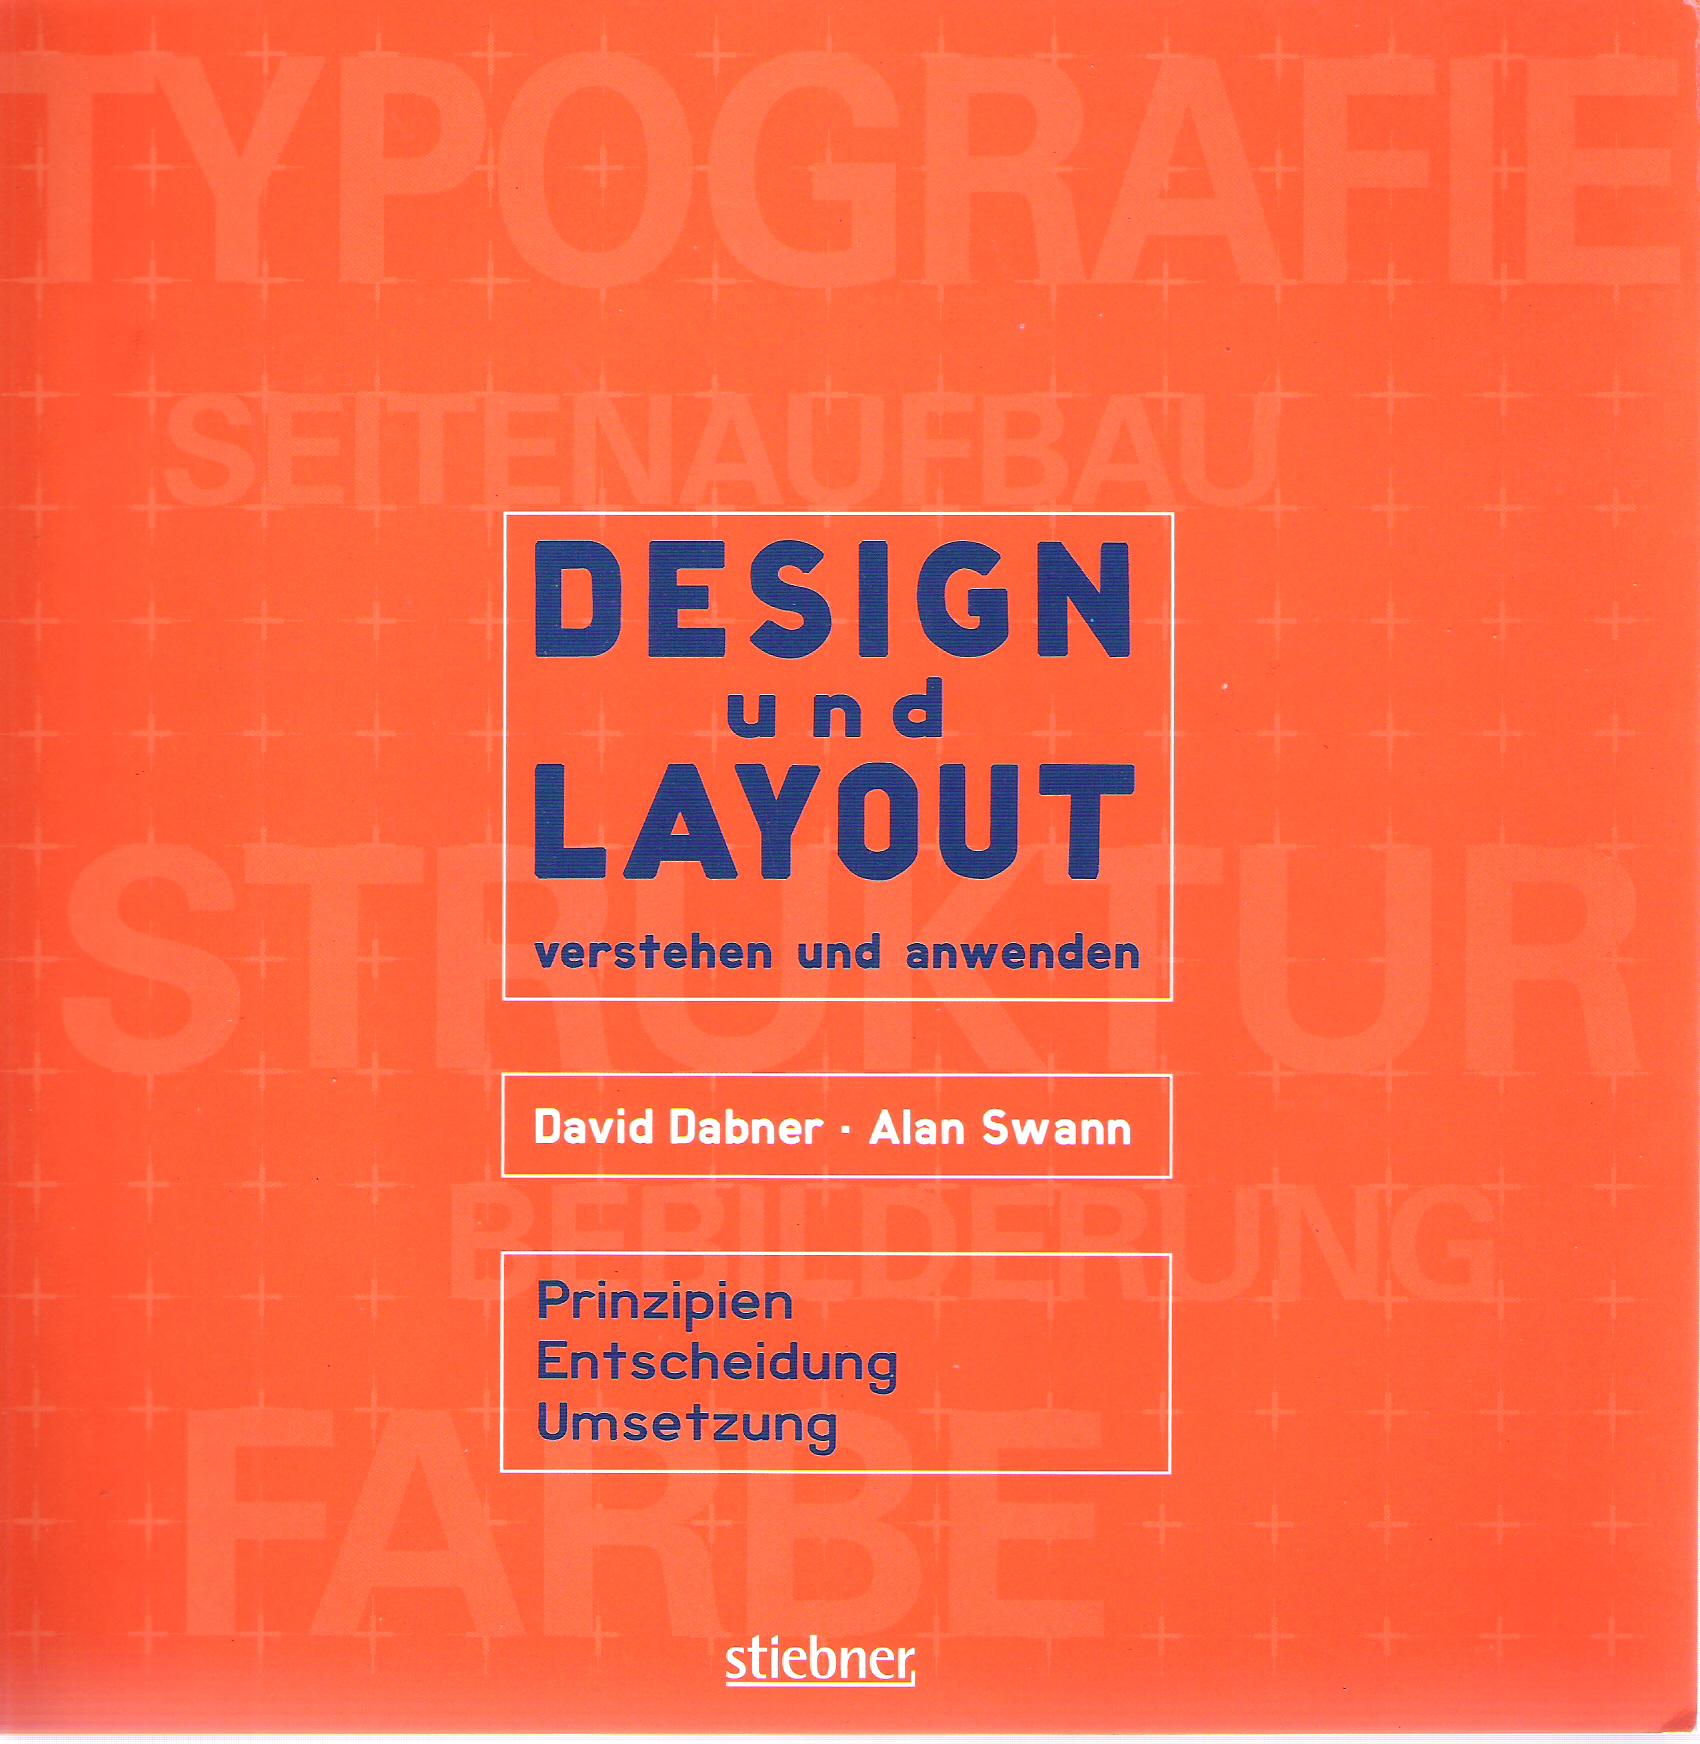 Design und Layout ve...